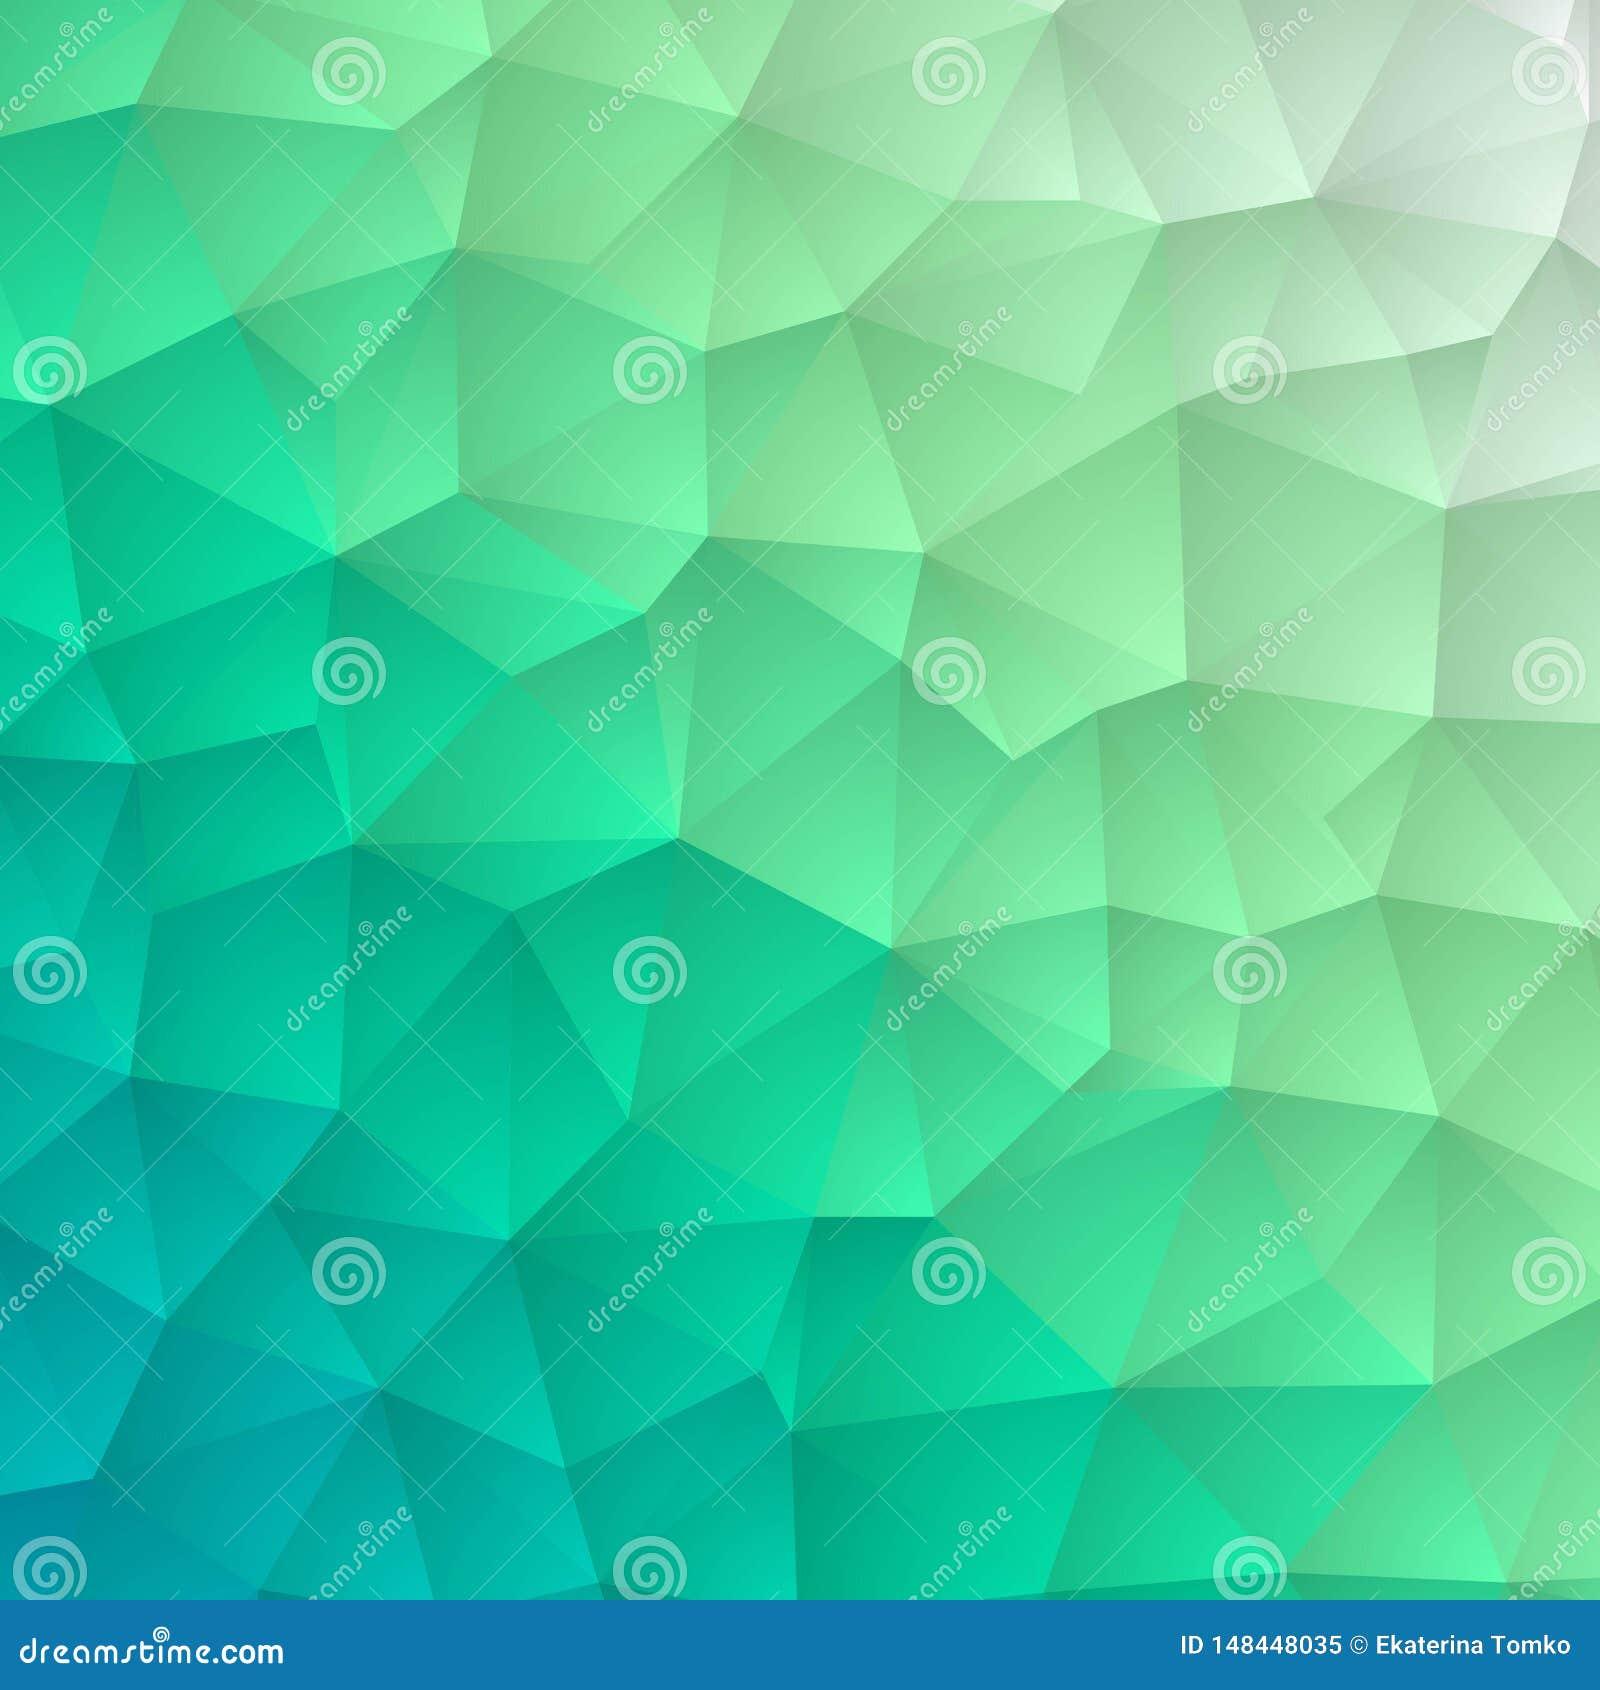 Polygonal Hexagon Logo: Light BLUE Vector Hexagon Mosaic Texture. Colorful